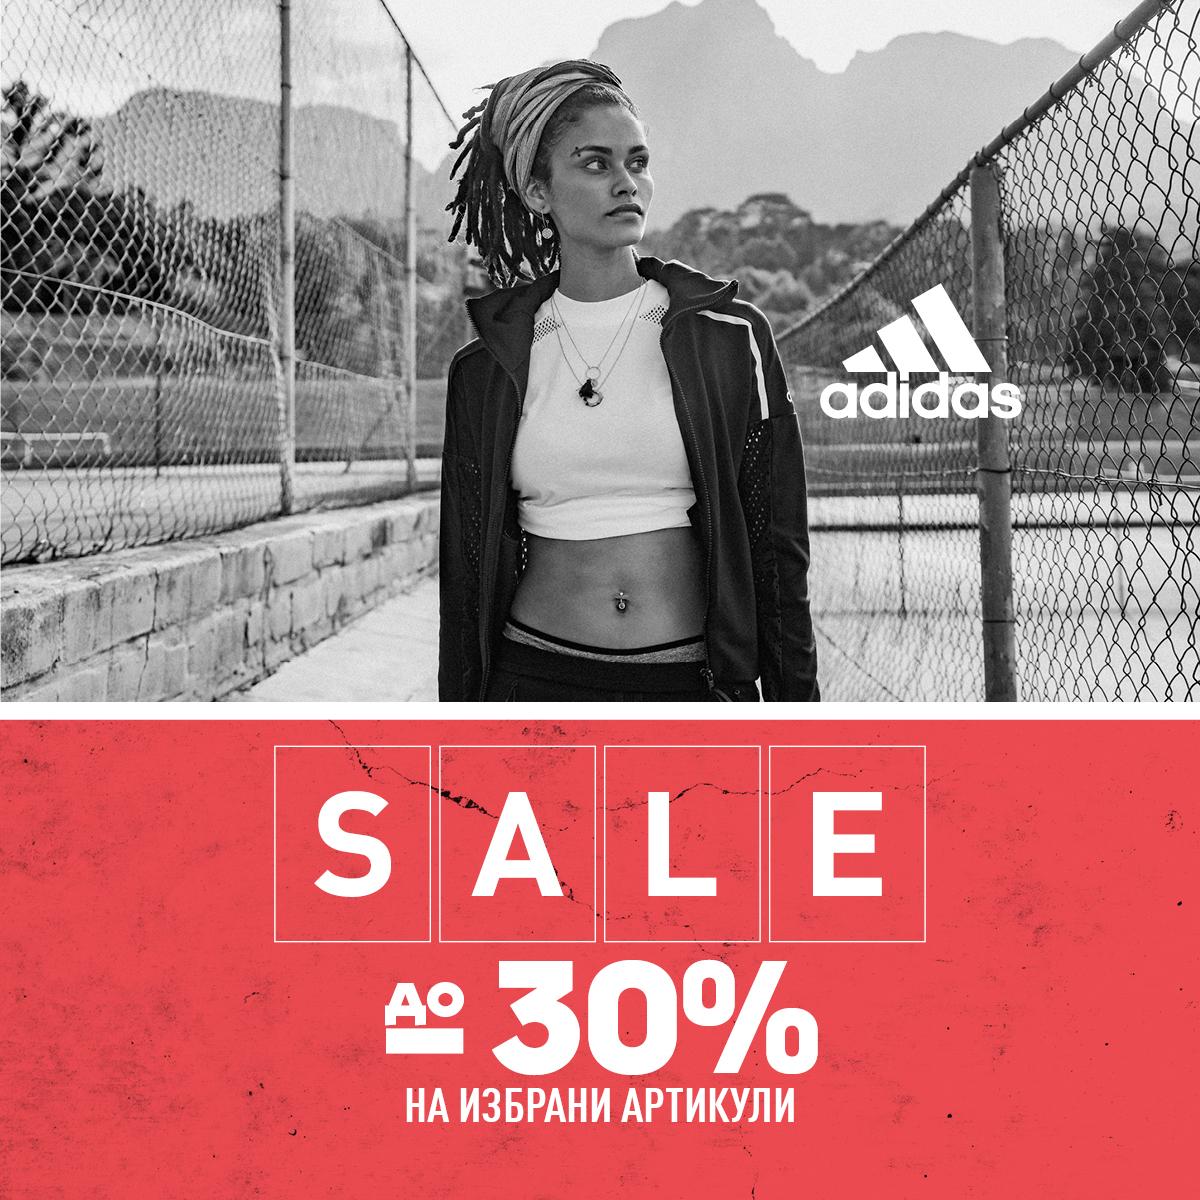 -30% отстъпка в Adidas